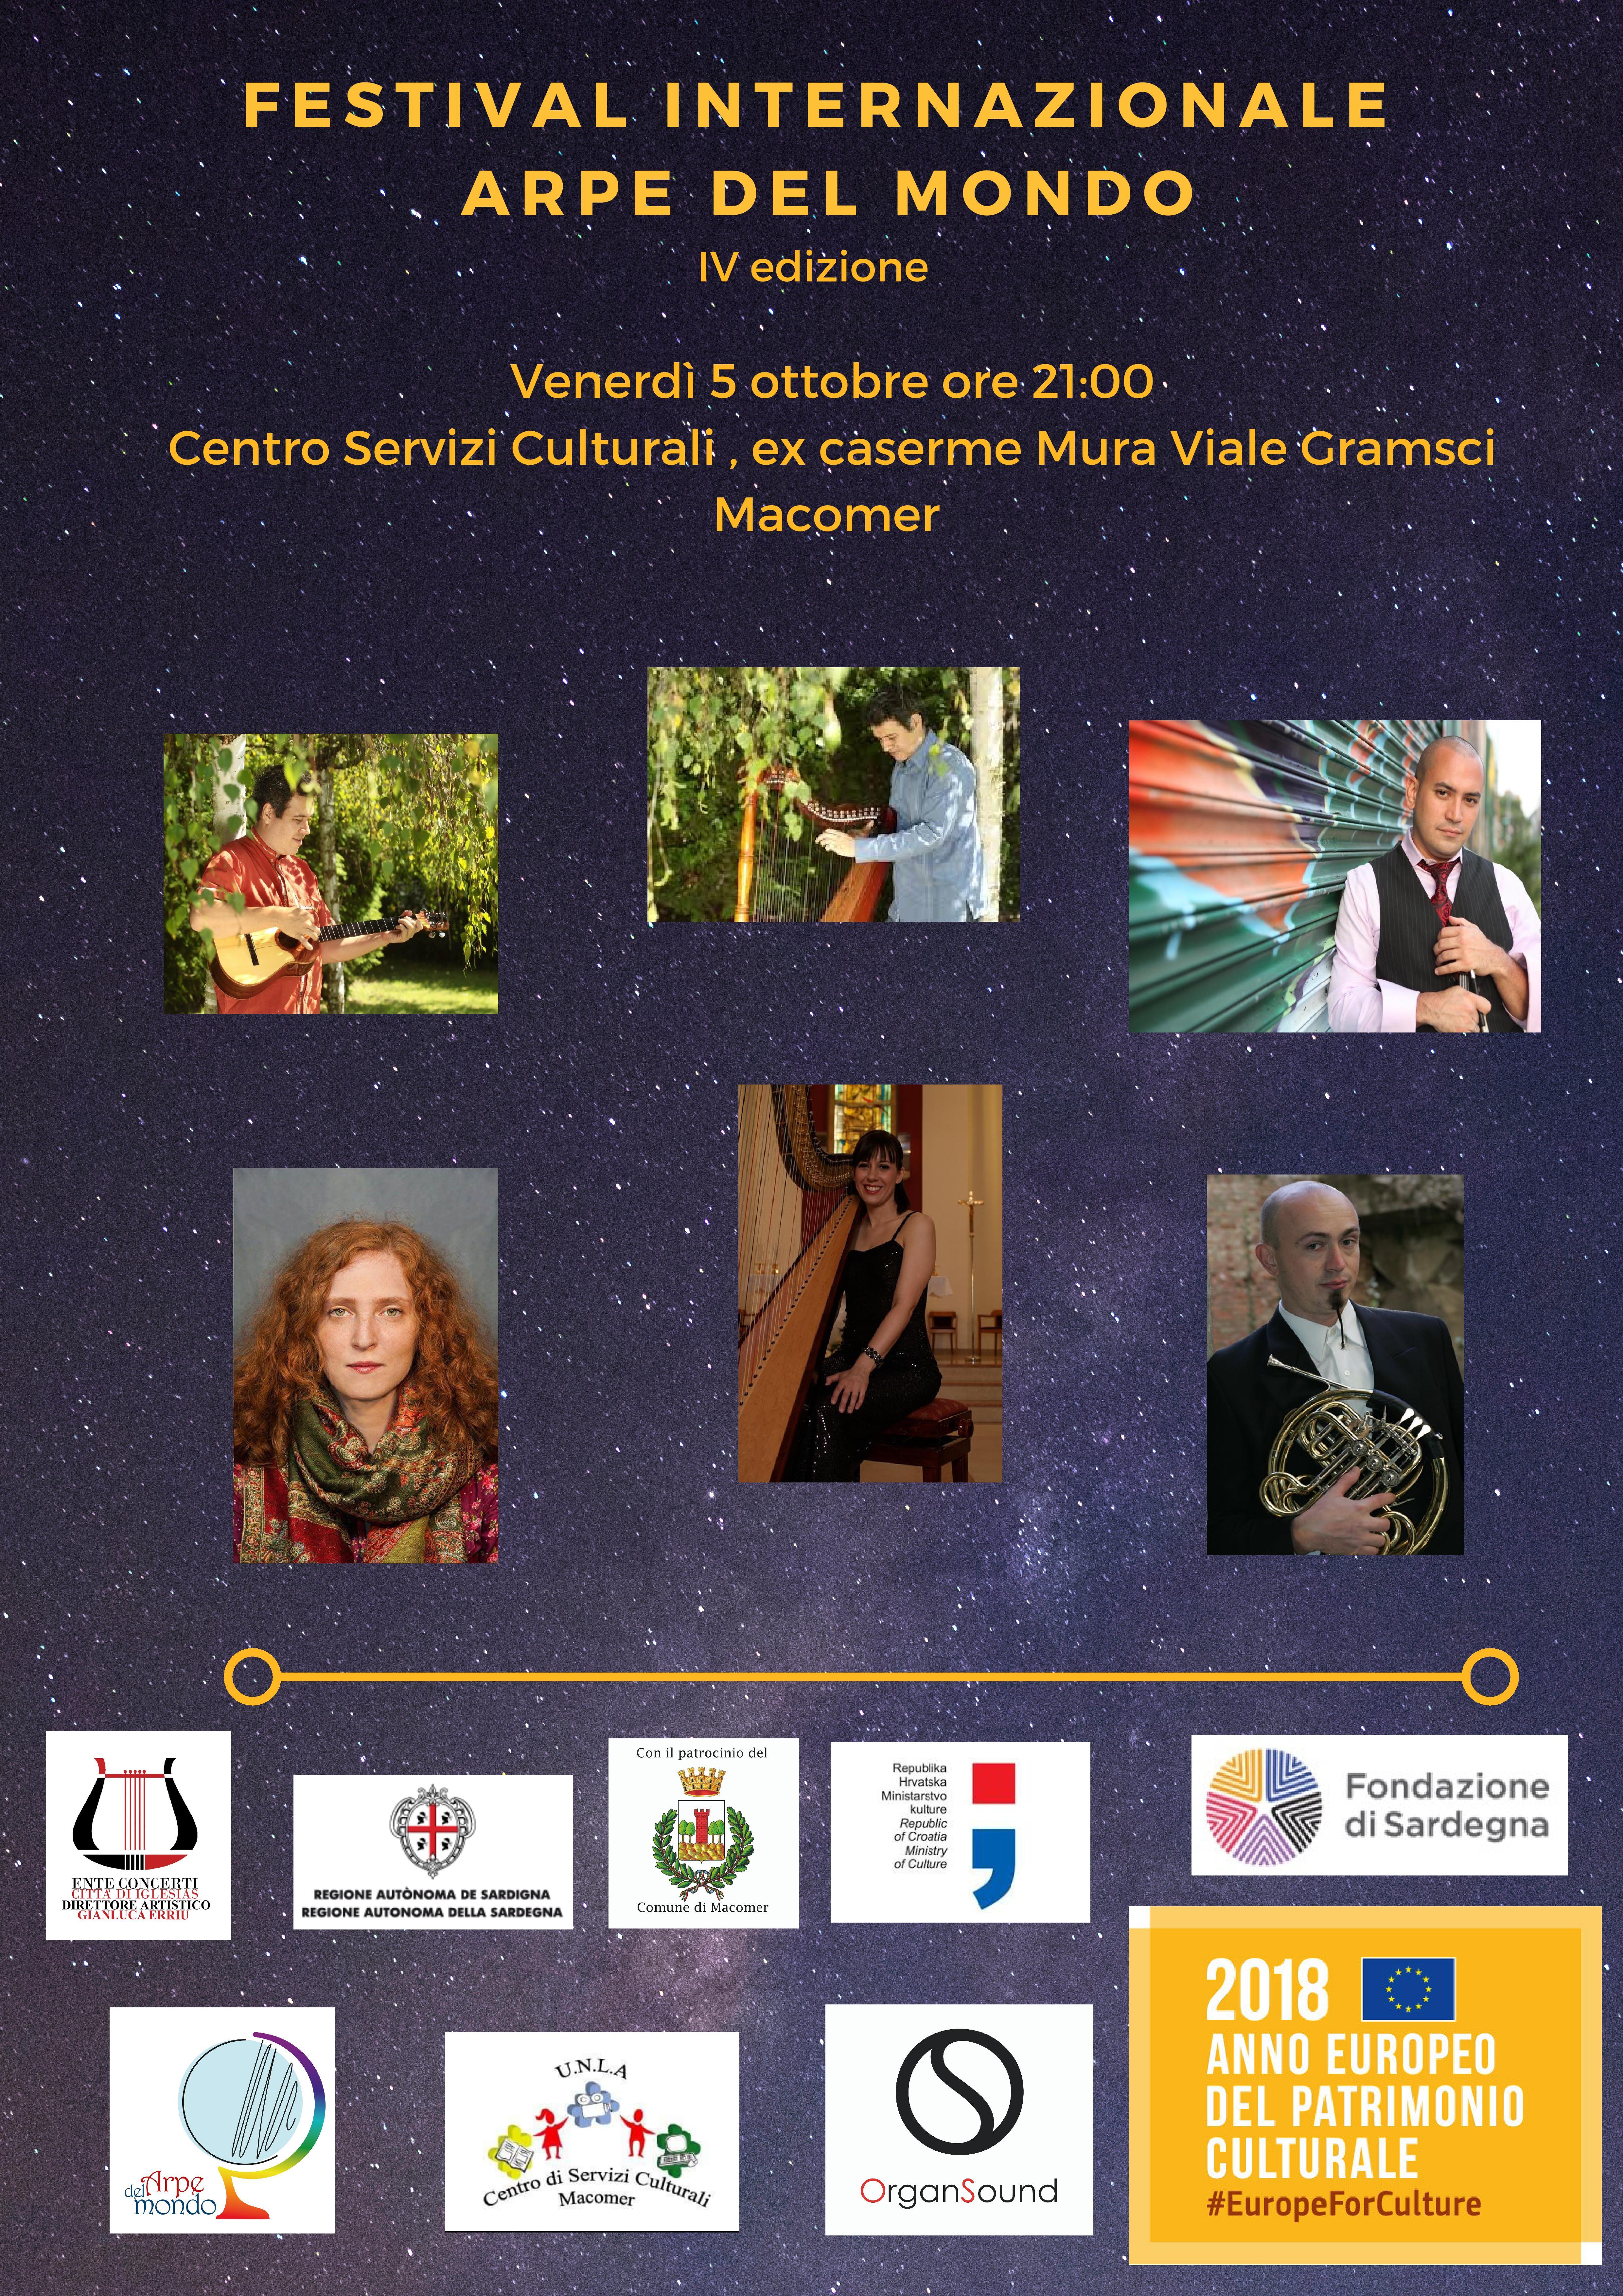 """Festival Internazionale """"Arpe del Mondo"""" Venerdì 5 Ottobre ore 21 al Centro"""